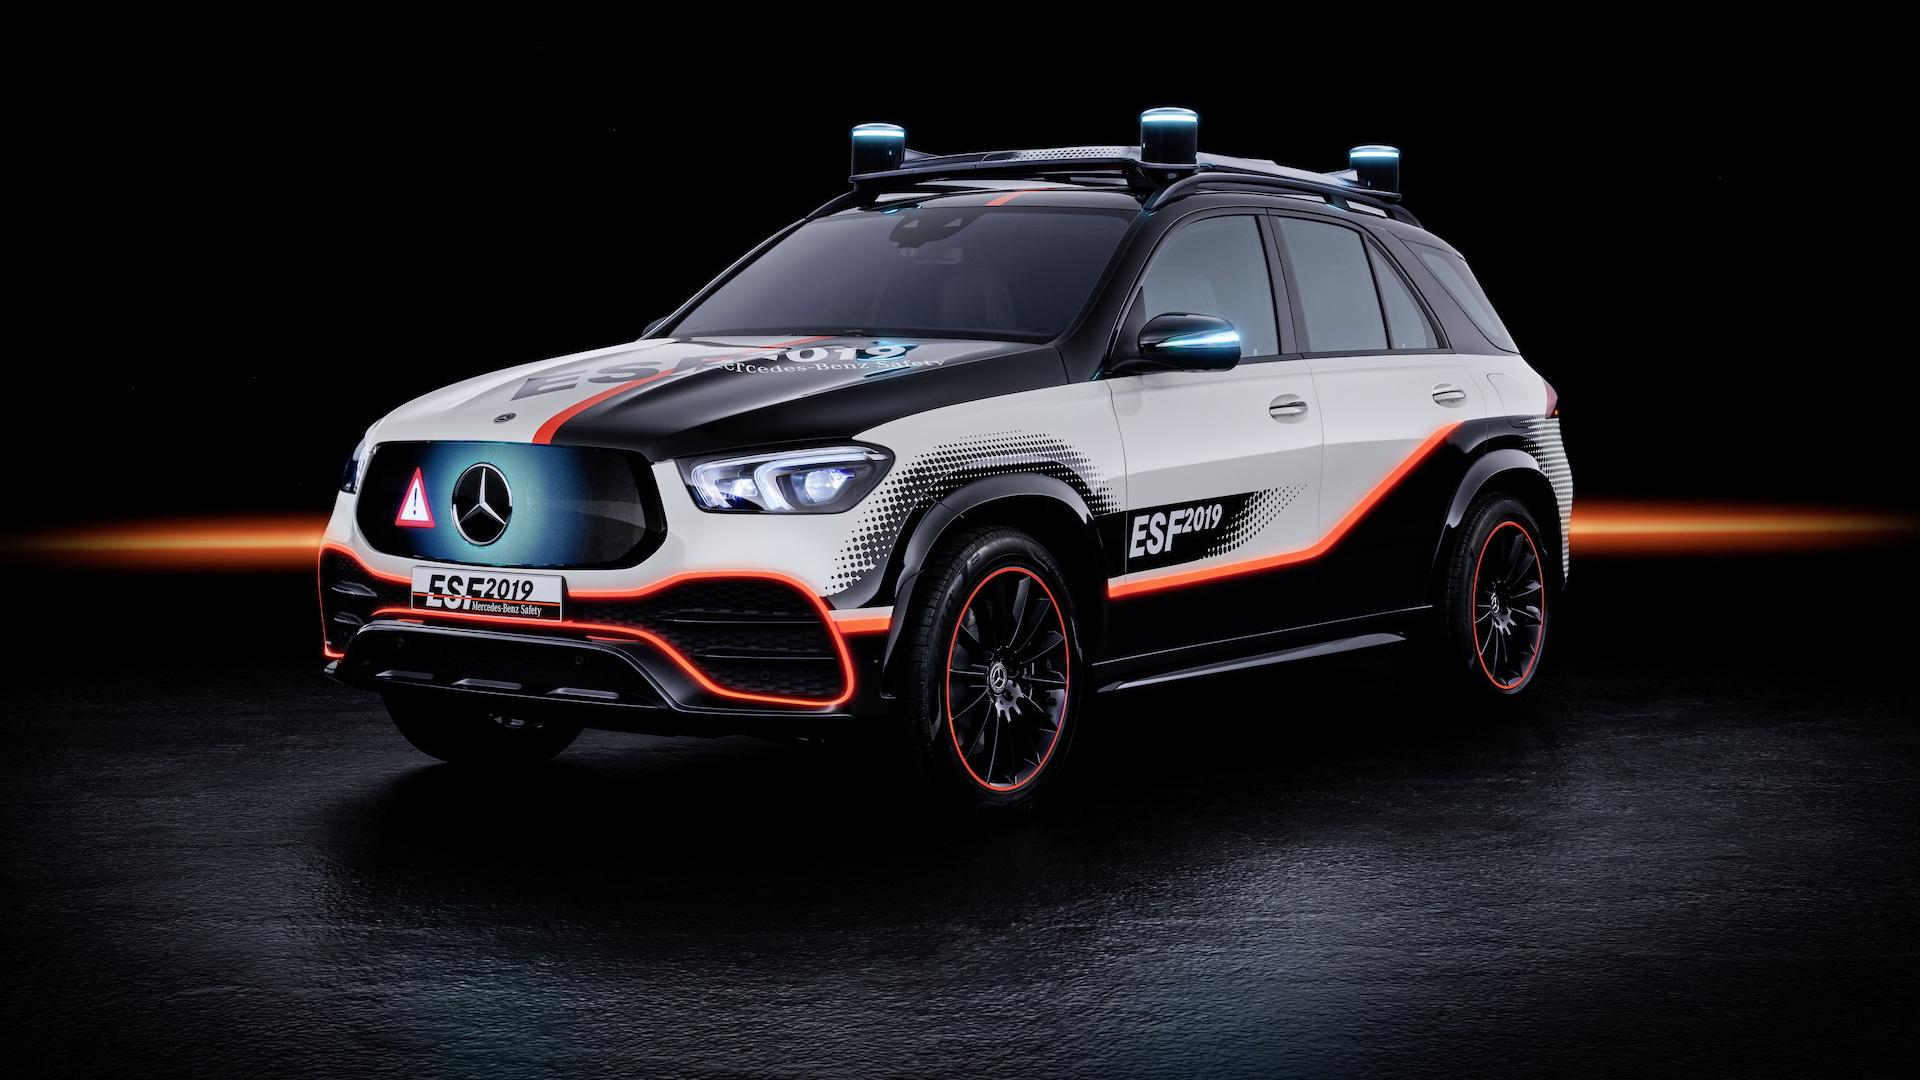 Mercedes-Benz ESF 2019 safety car concept